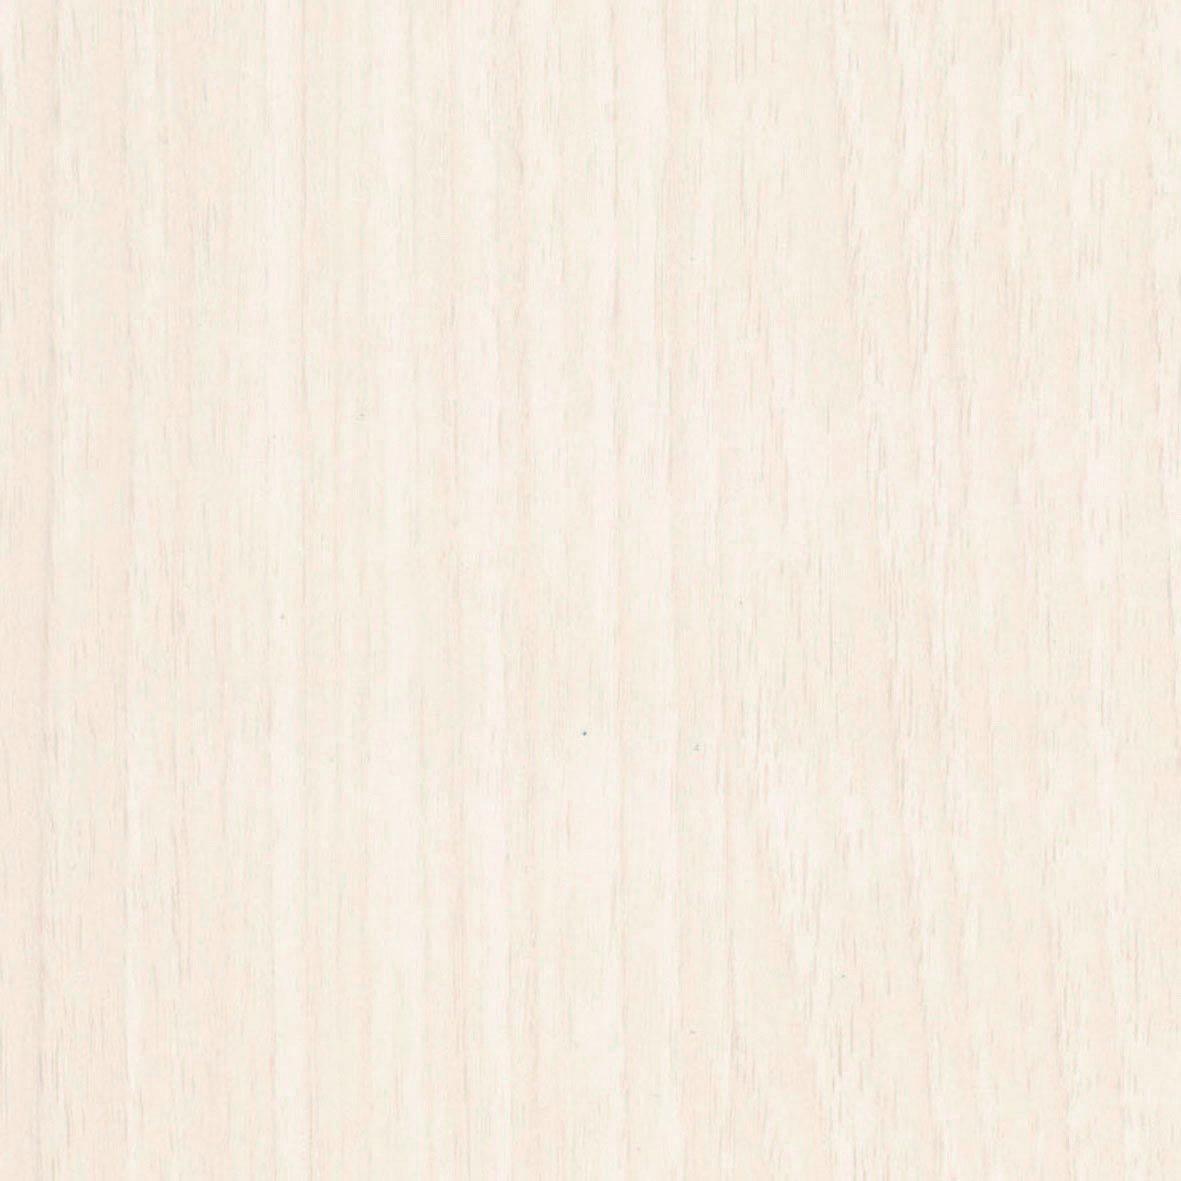 熱い販売 Wood ホワイト 木目調 ナチュラル 壁紙24m リリカラ Stone